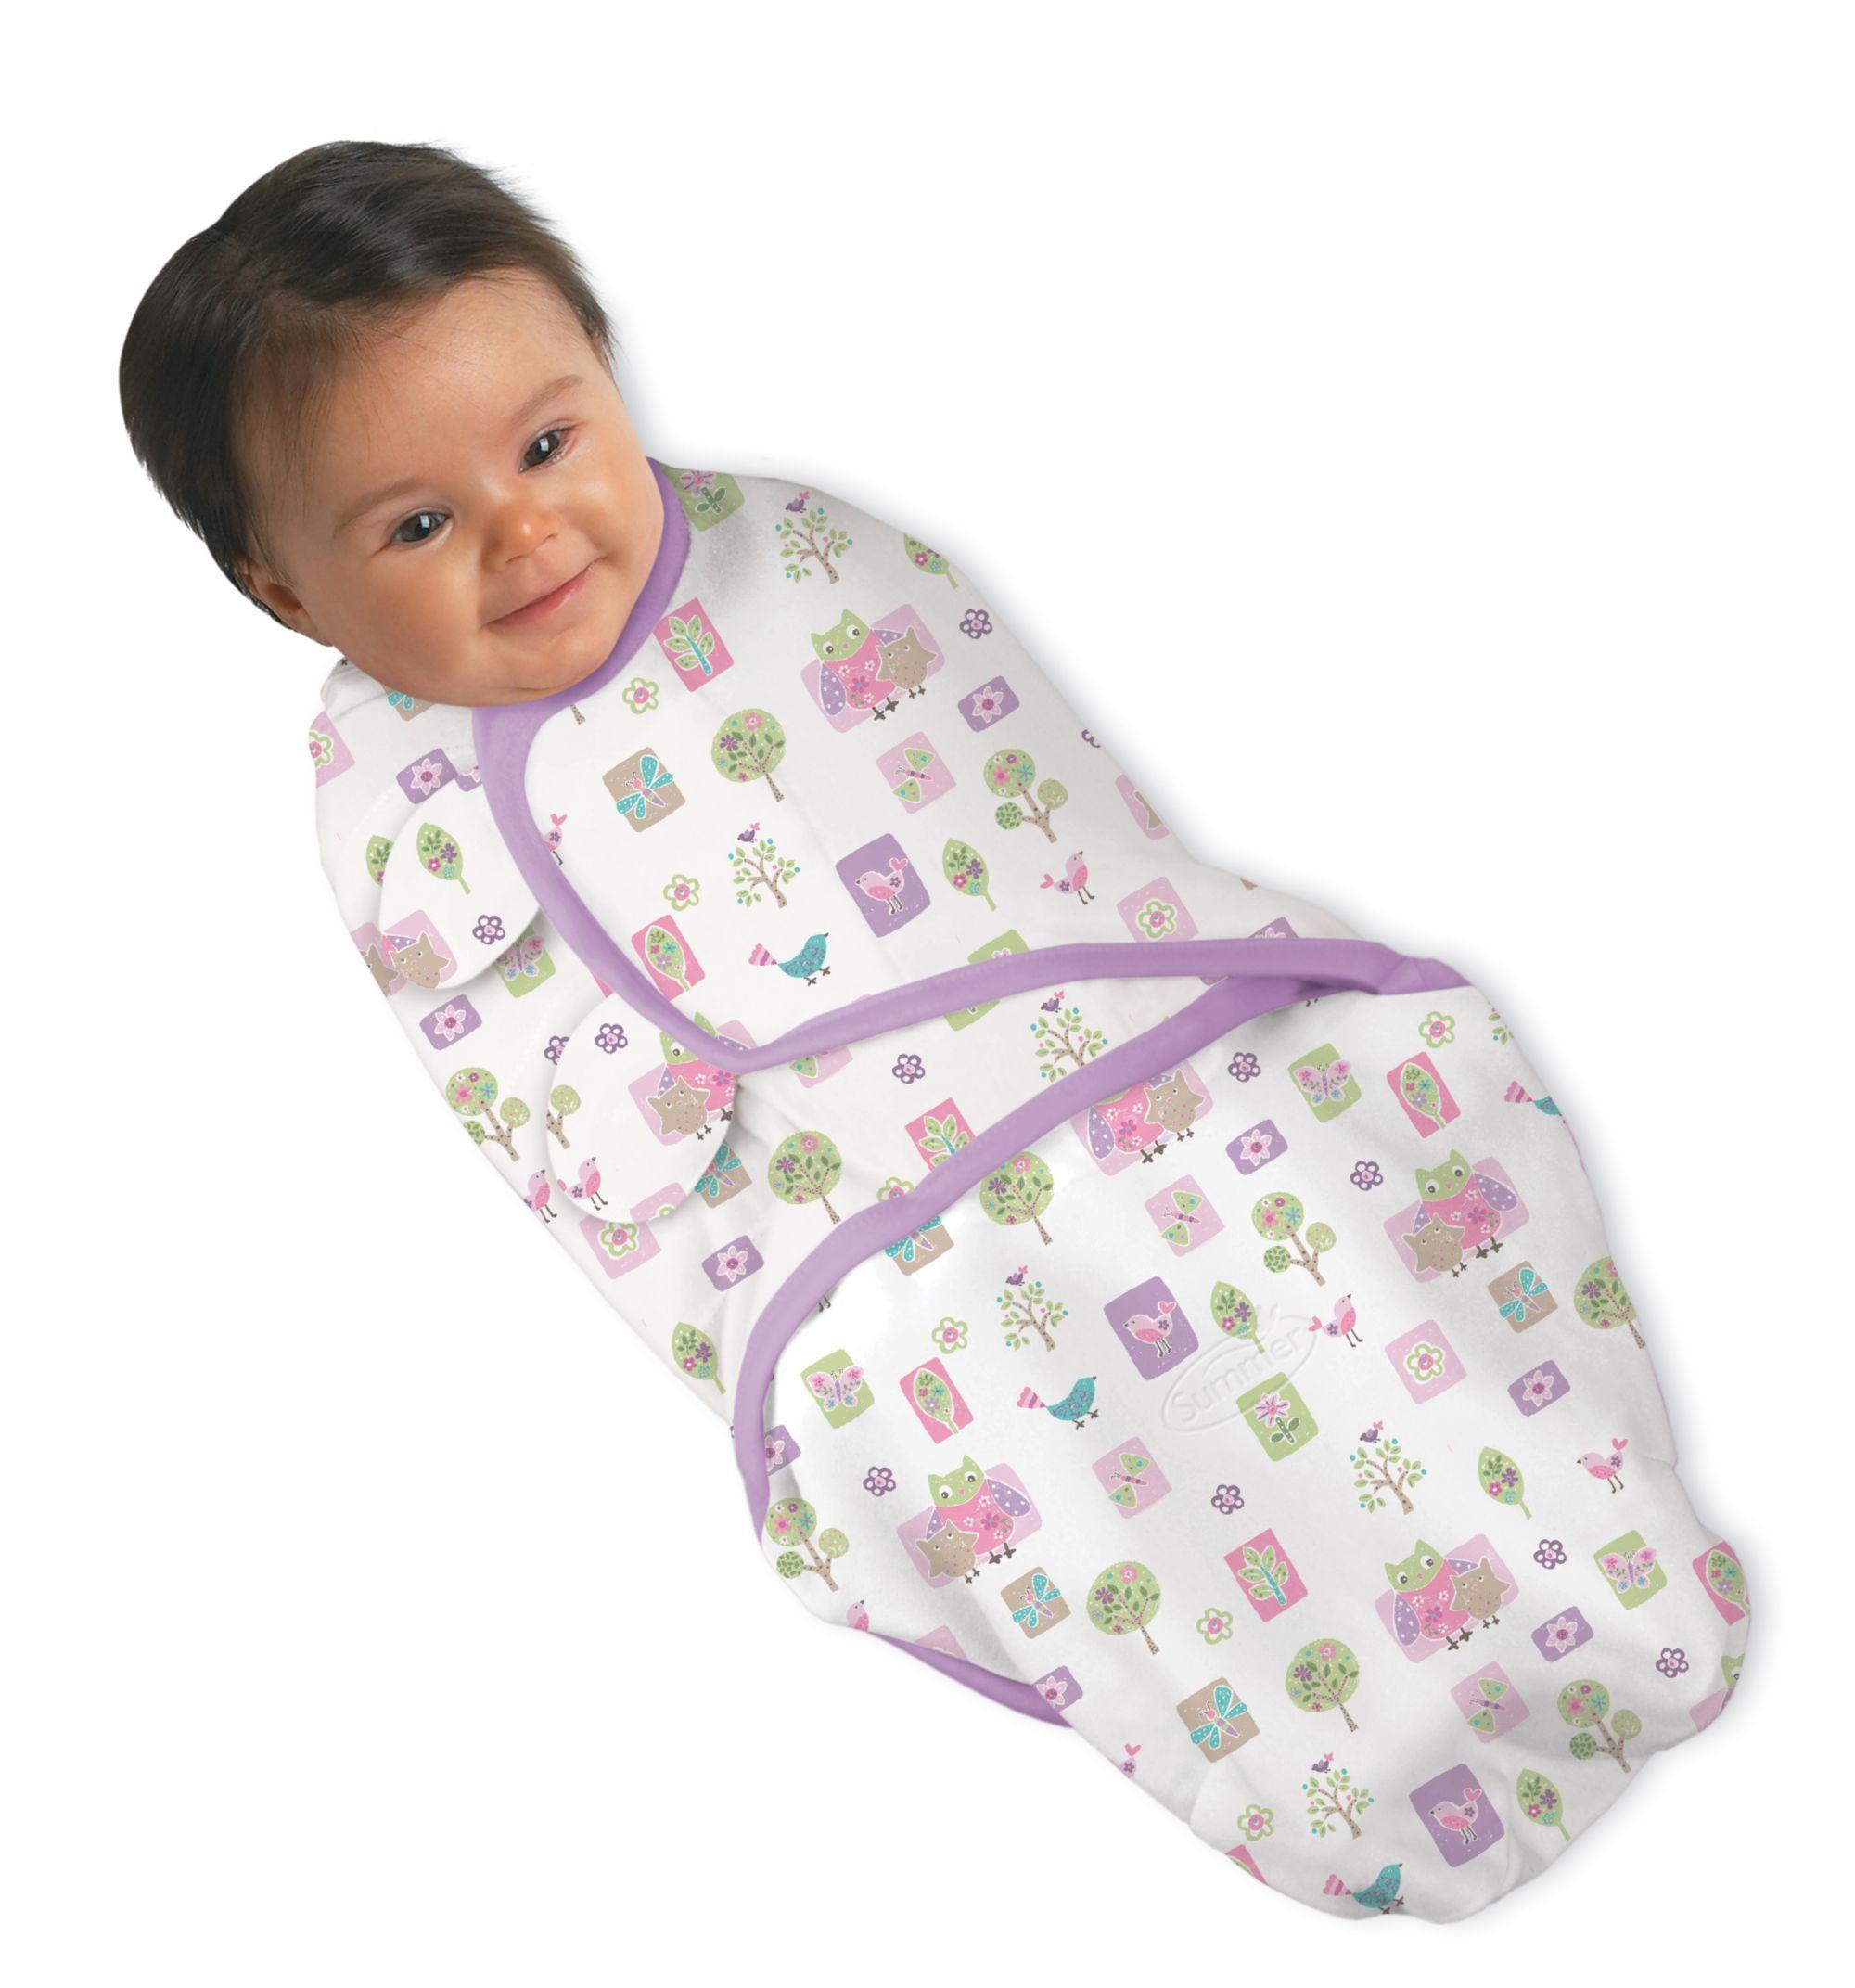 Summer Infant SwaddleMe 3-Pack Swaddling Wraps - Pink